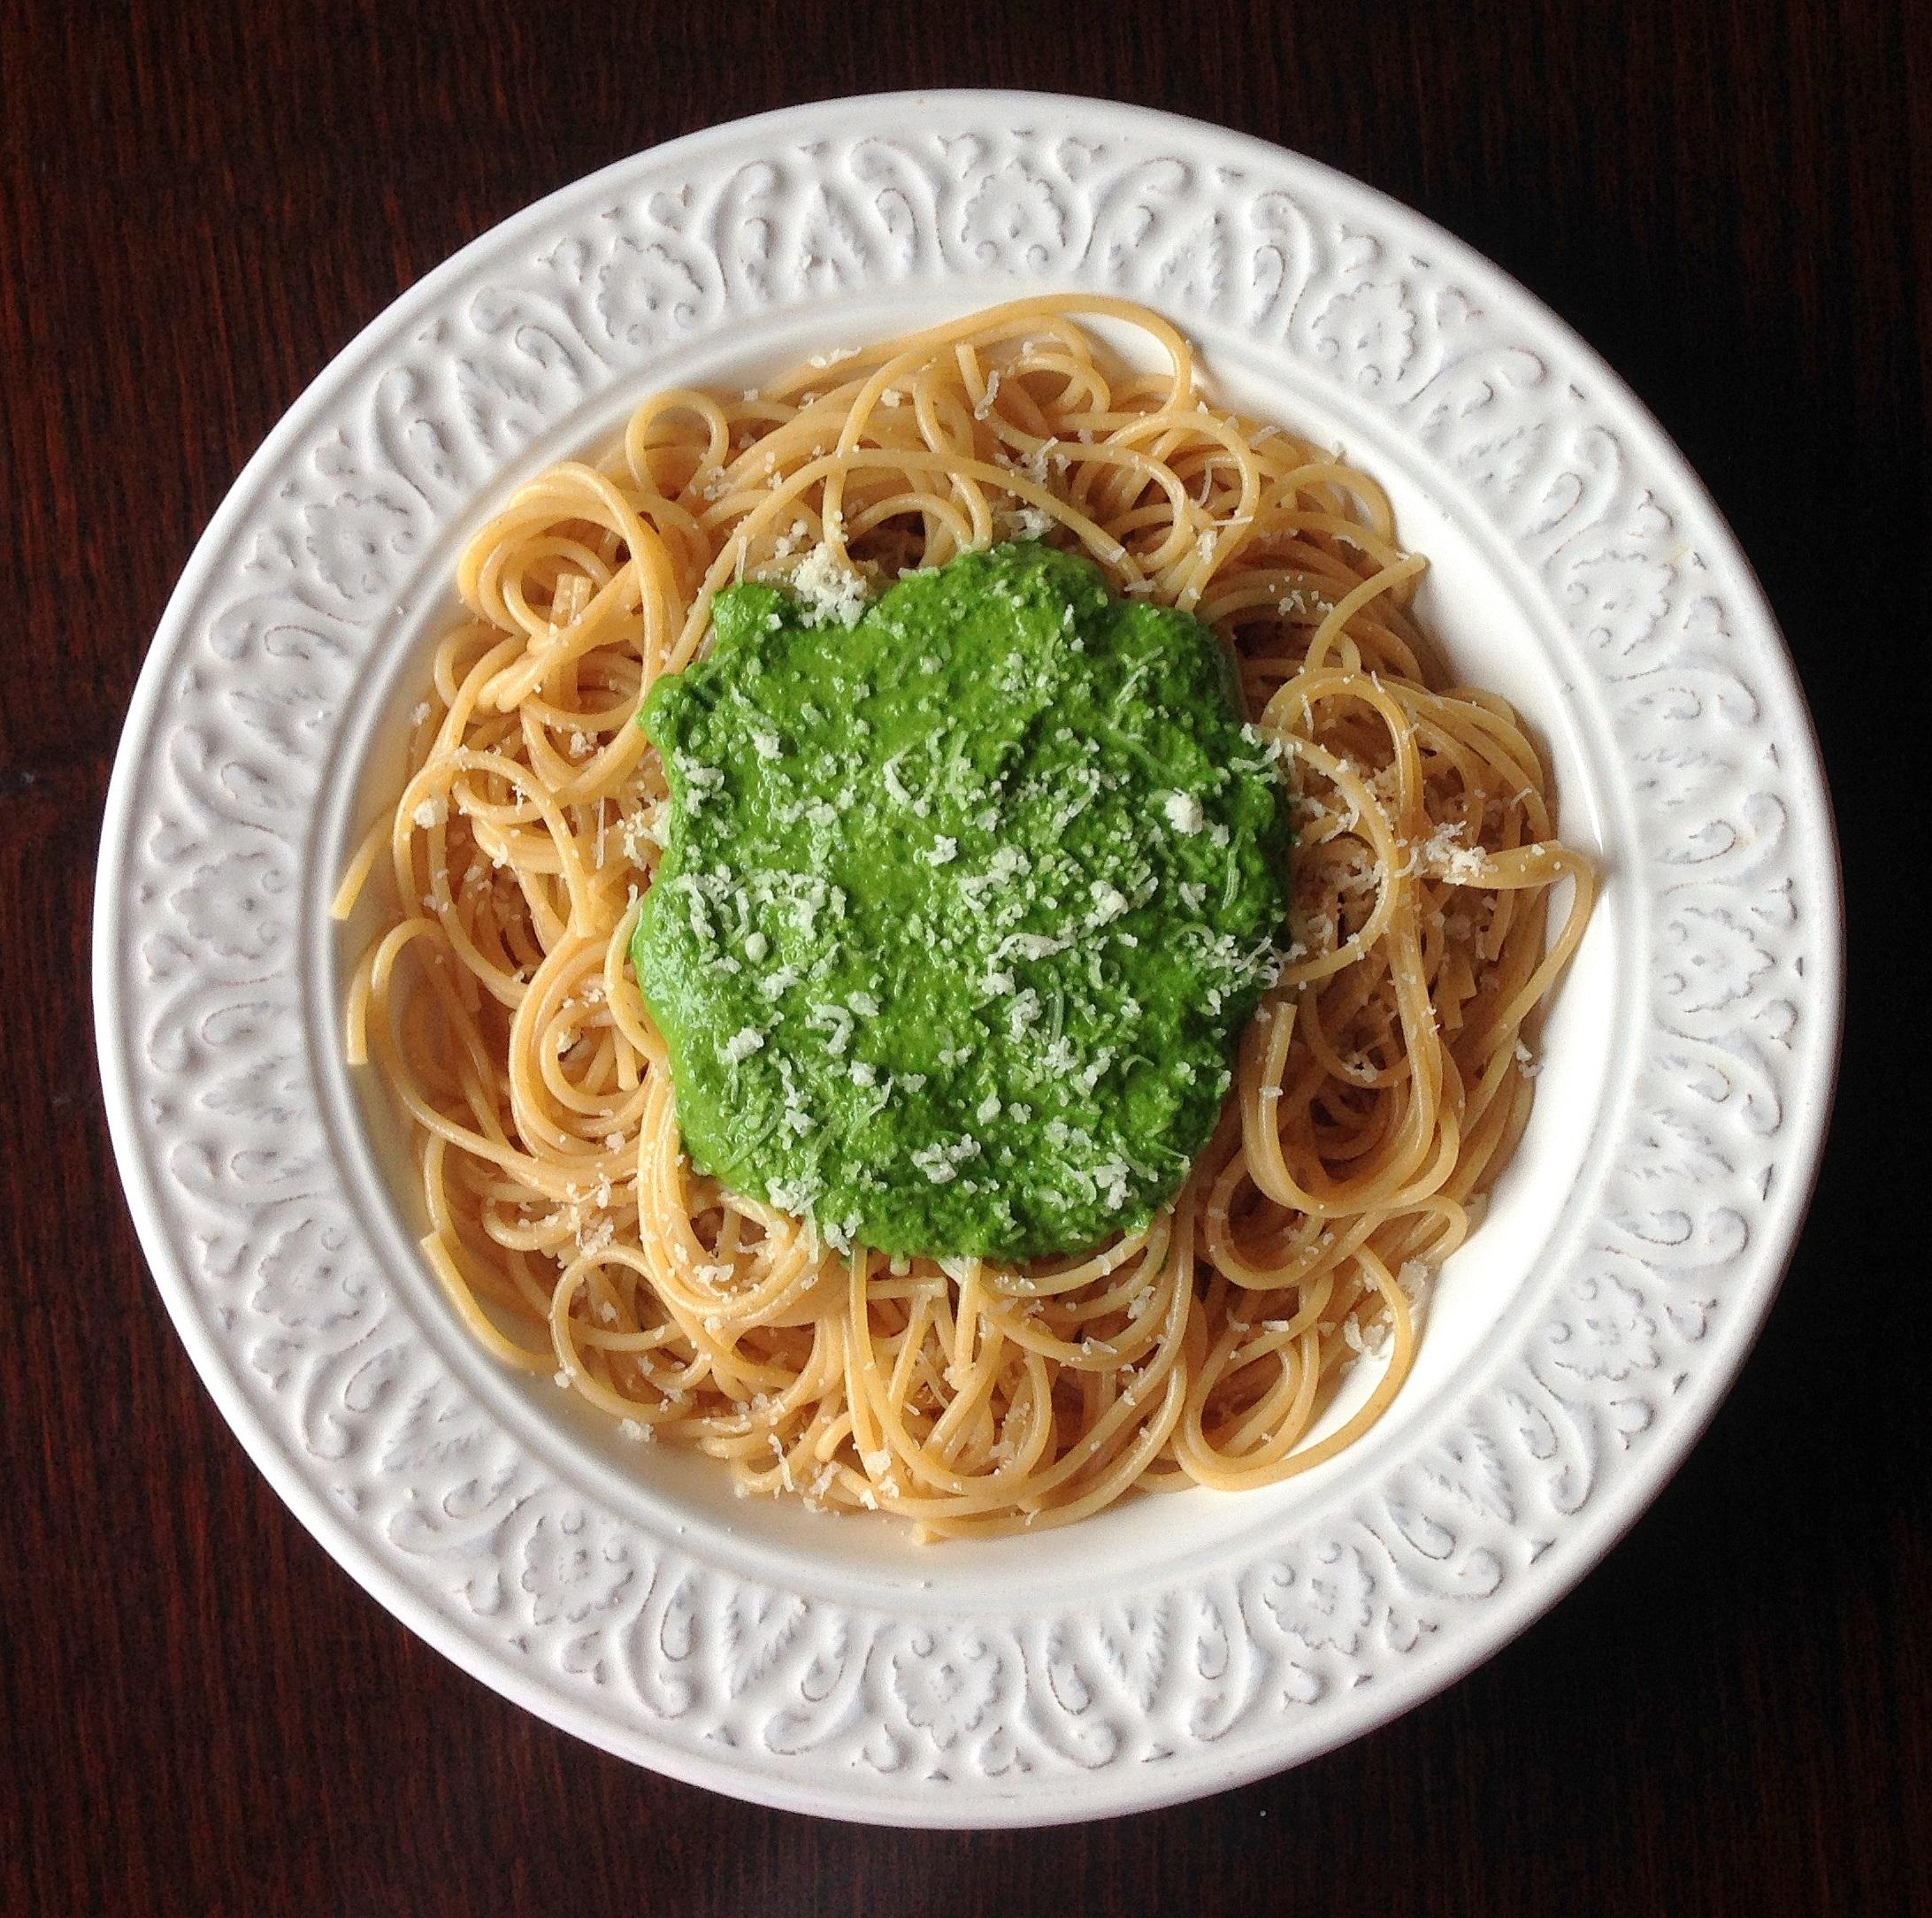 Espaguetis integrales con pesto de espinacas y avellanas